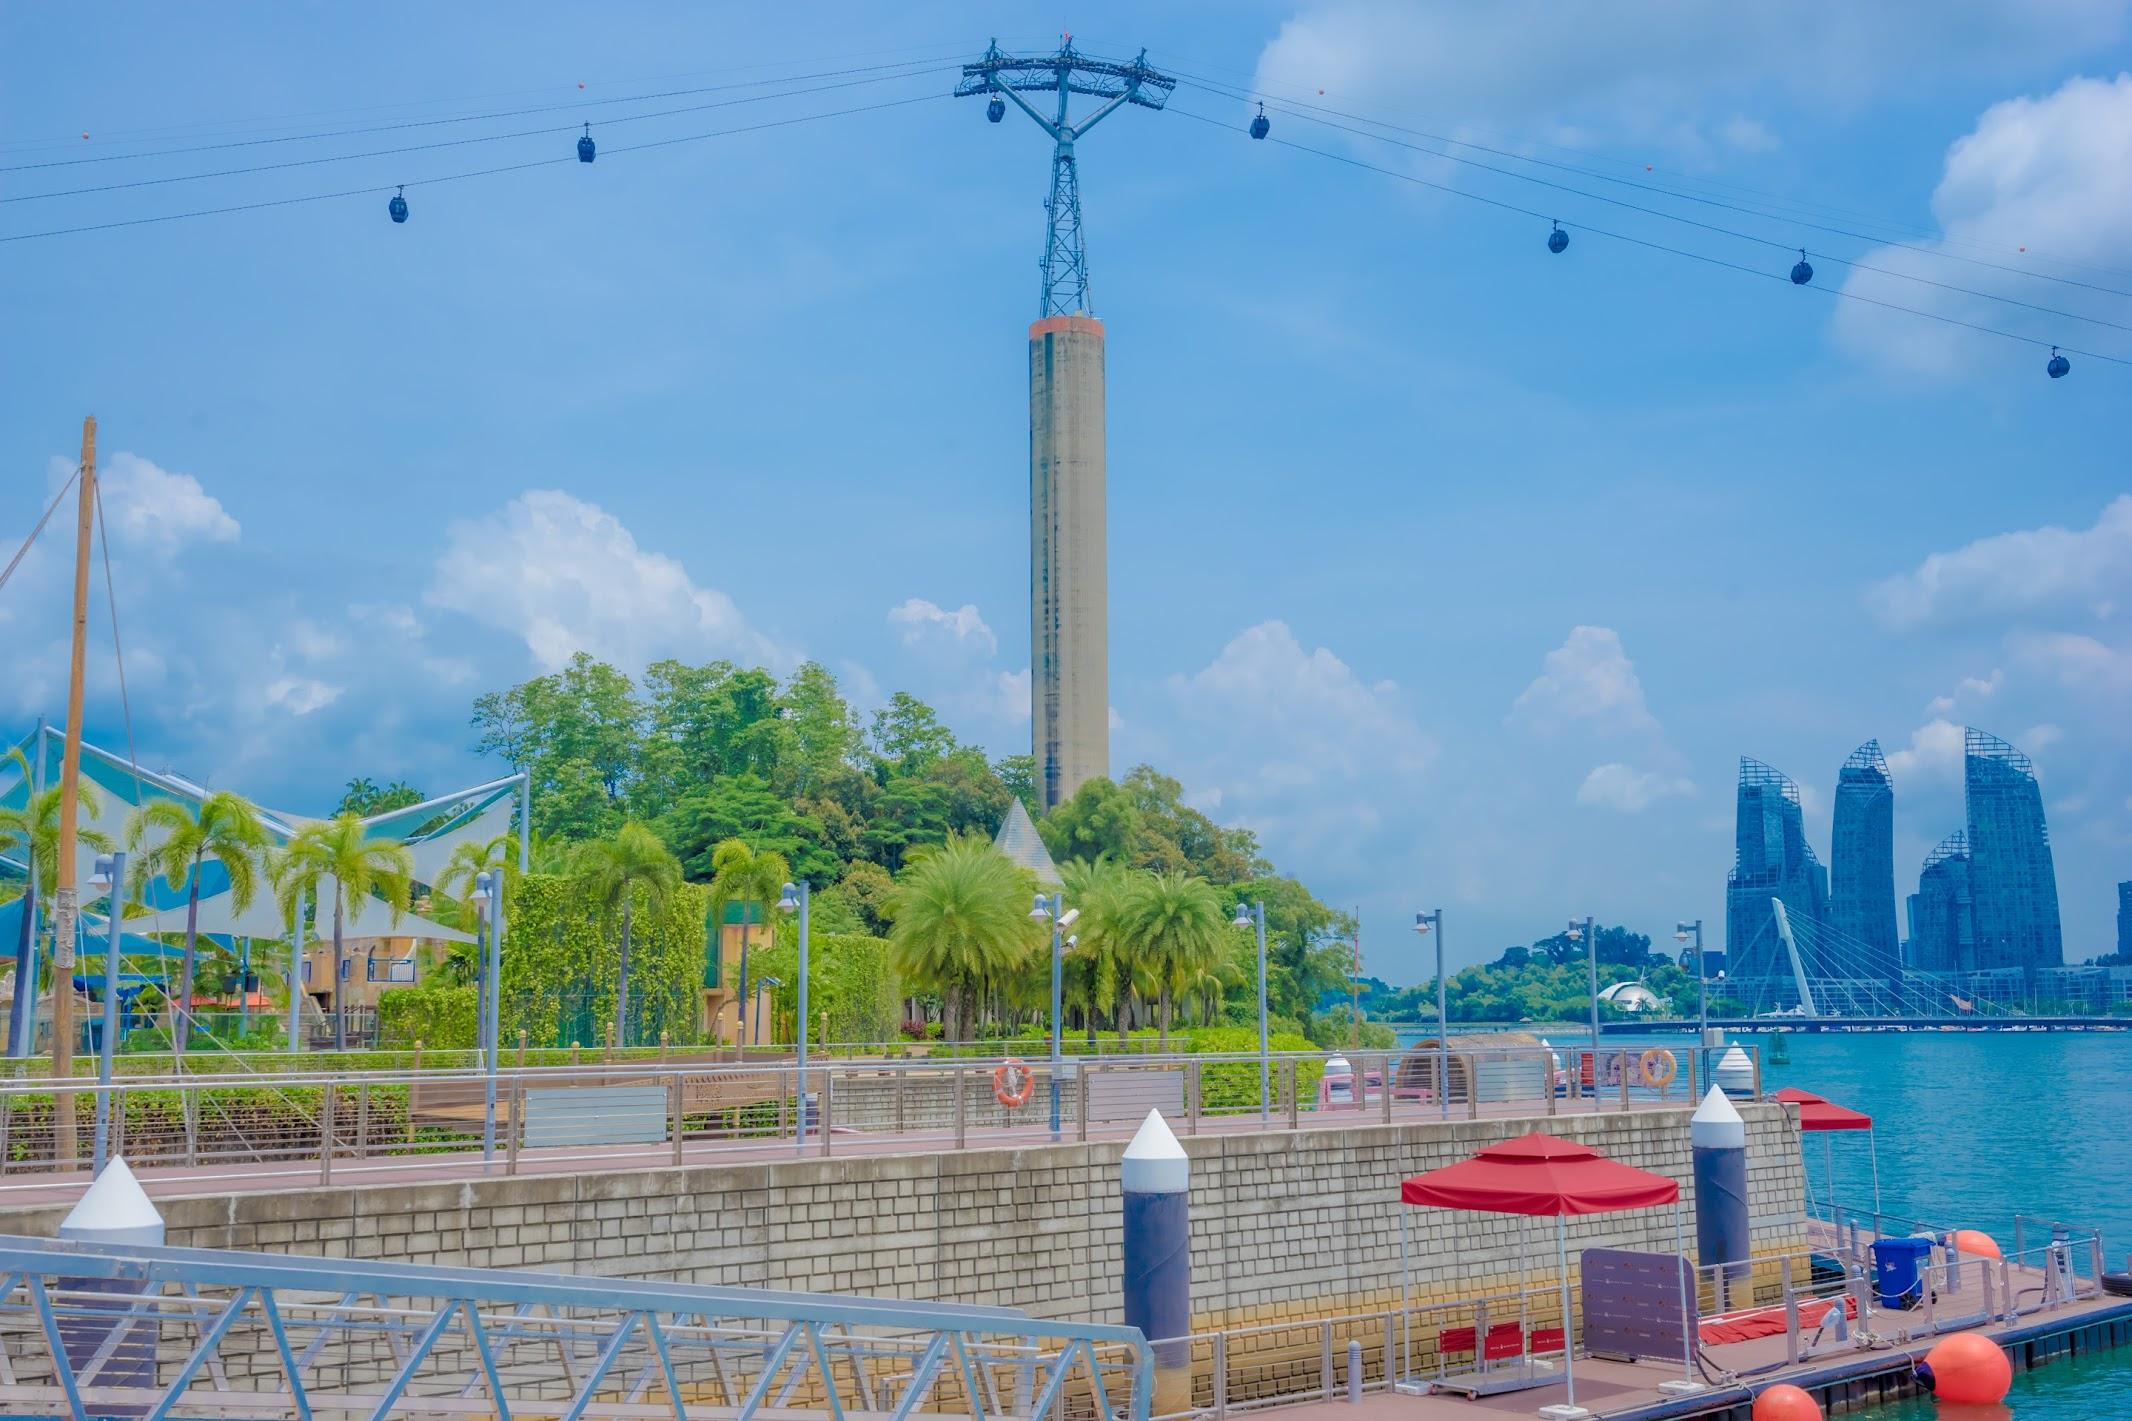 シンガポール セントーサ島 ケーブルカー